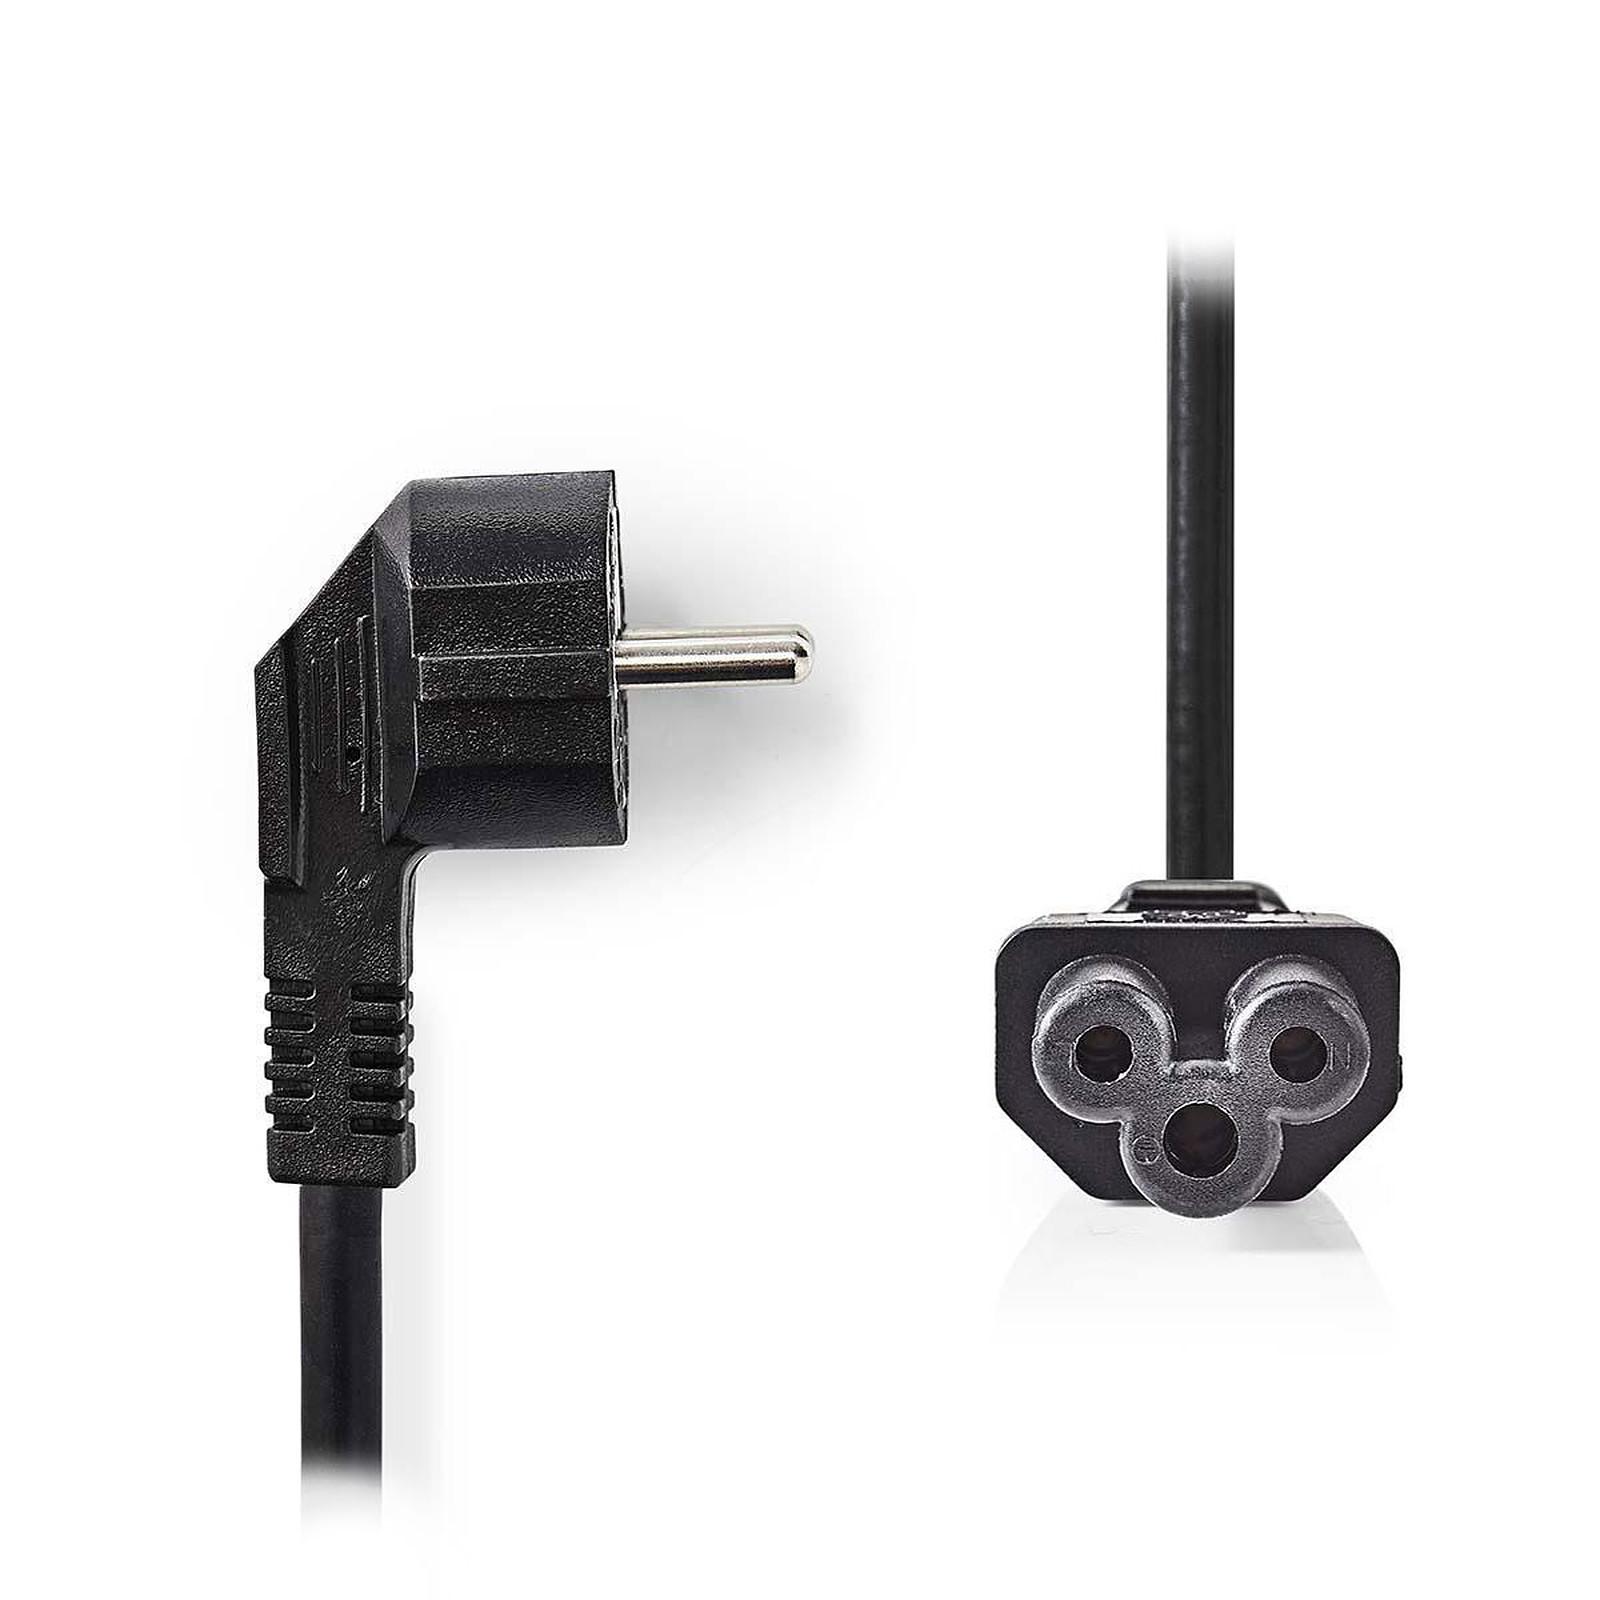 Nedis Câble d'alimentation tripolaire noir - 3 mètres